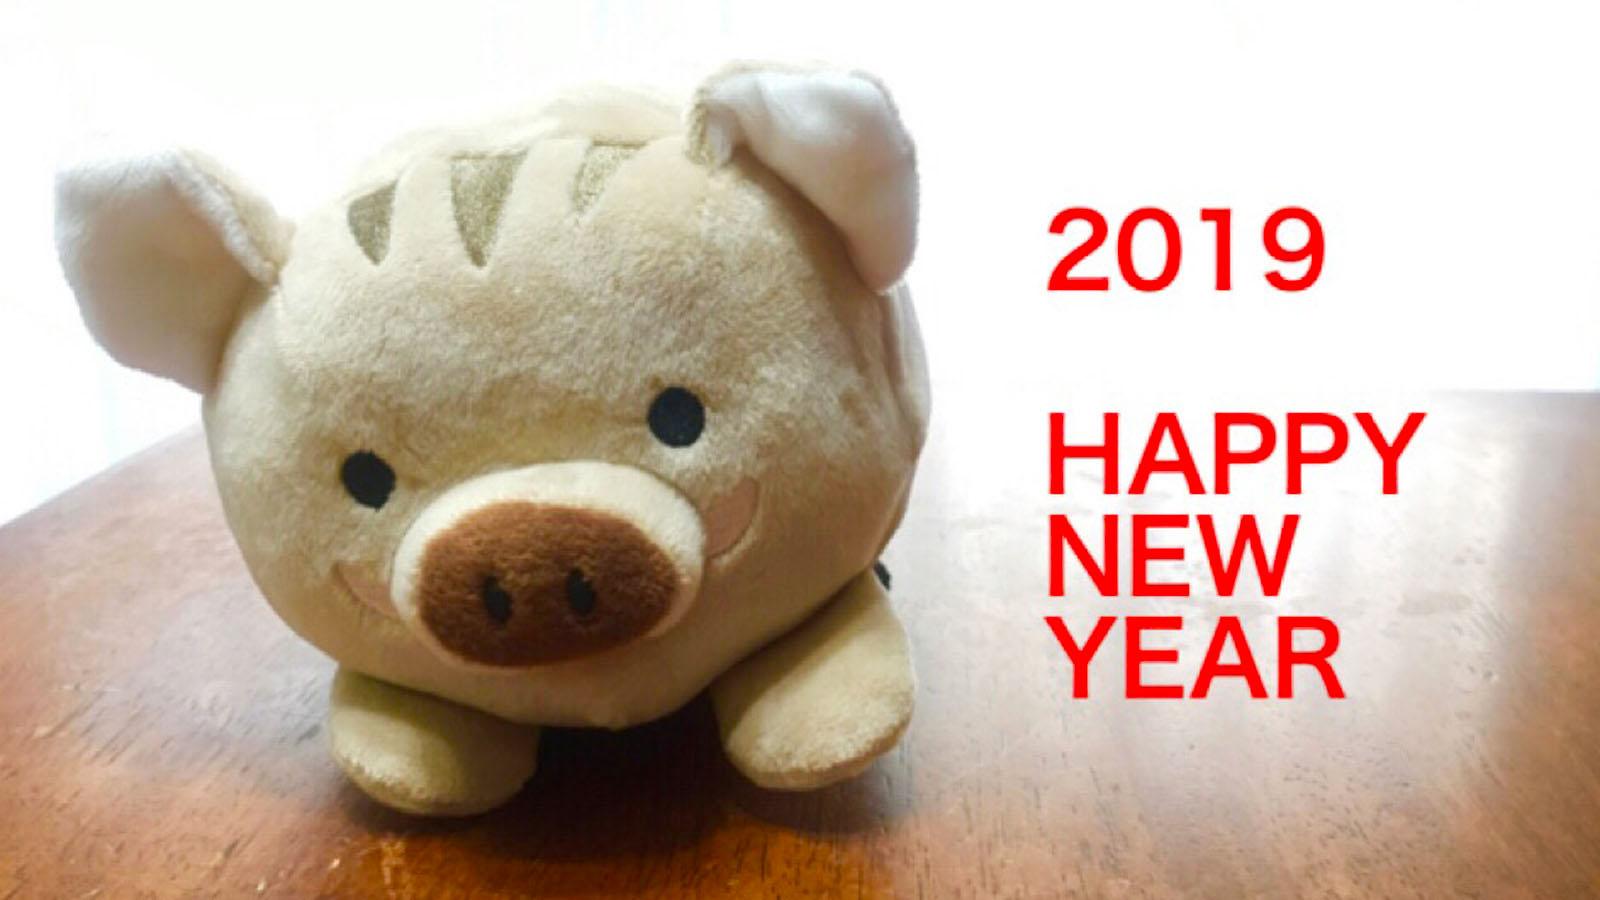 イノシシ年? ブタ年? 世界の幸せのモチーフで新しい年に幸運を贈ろう!